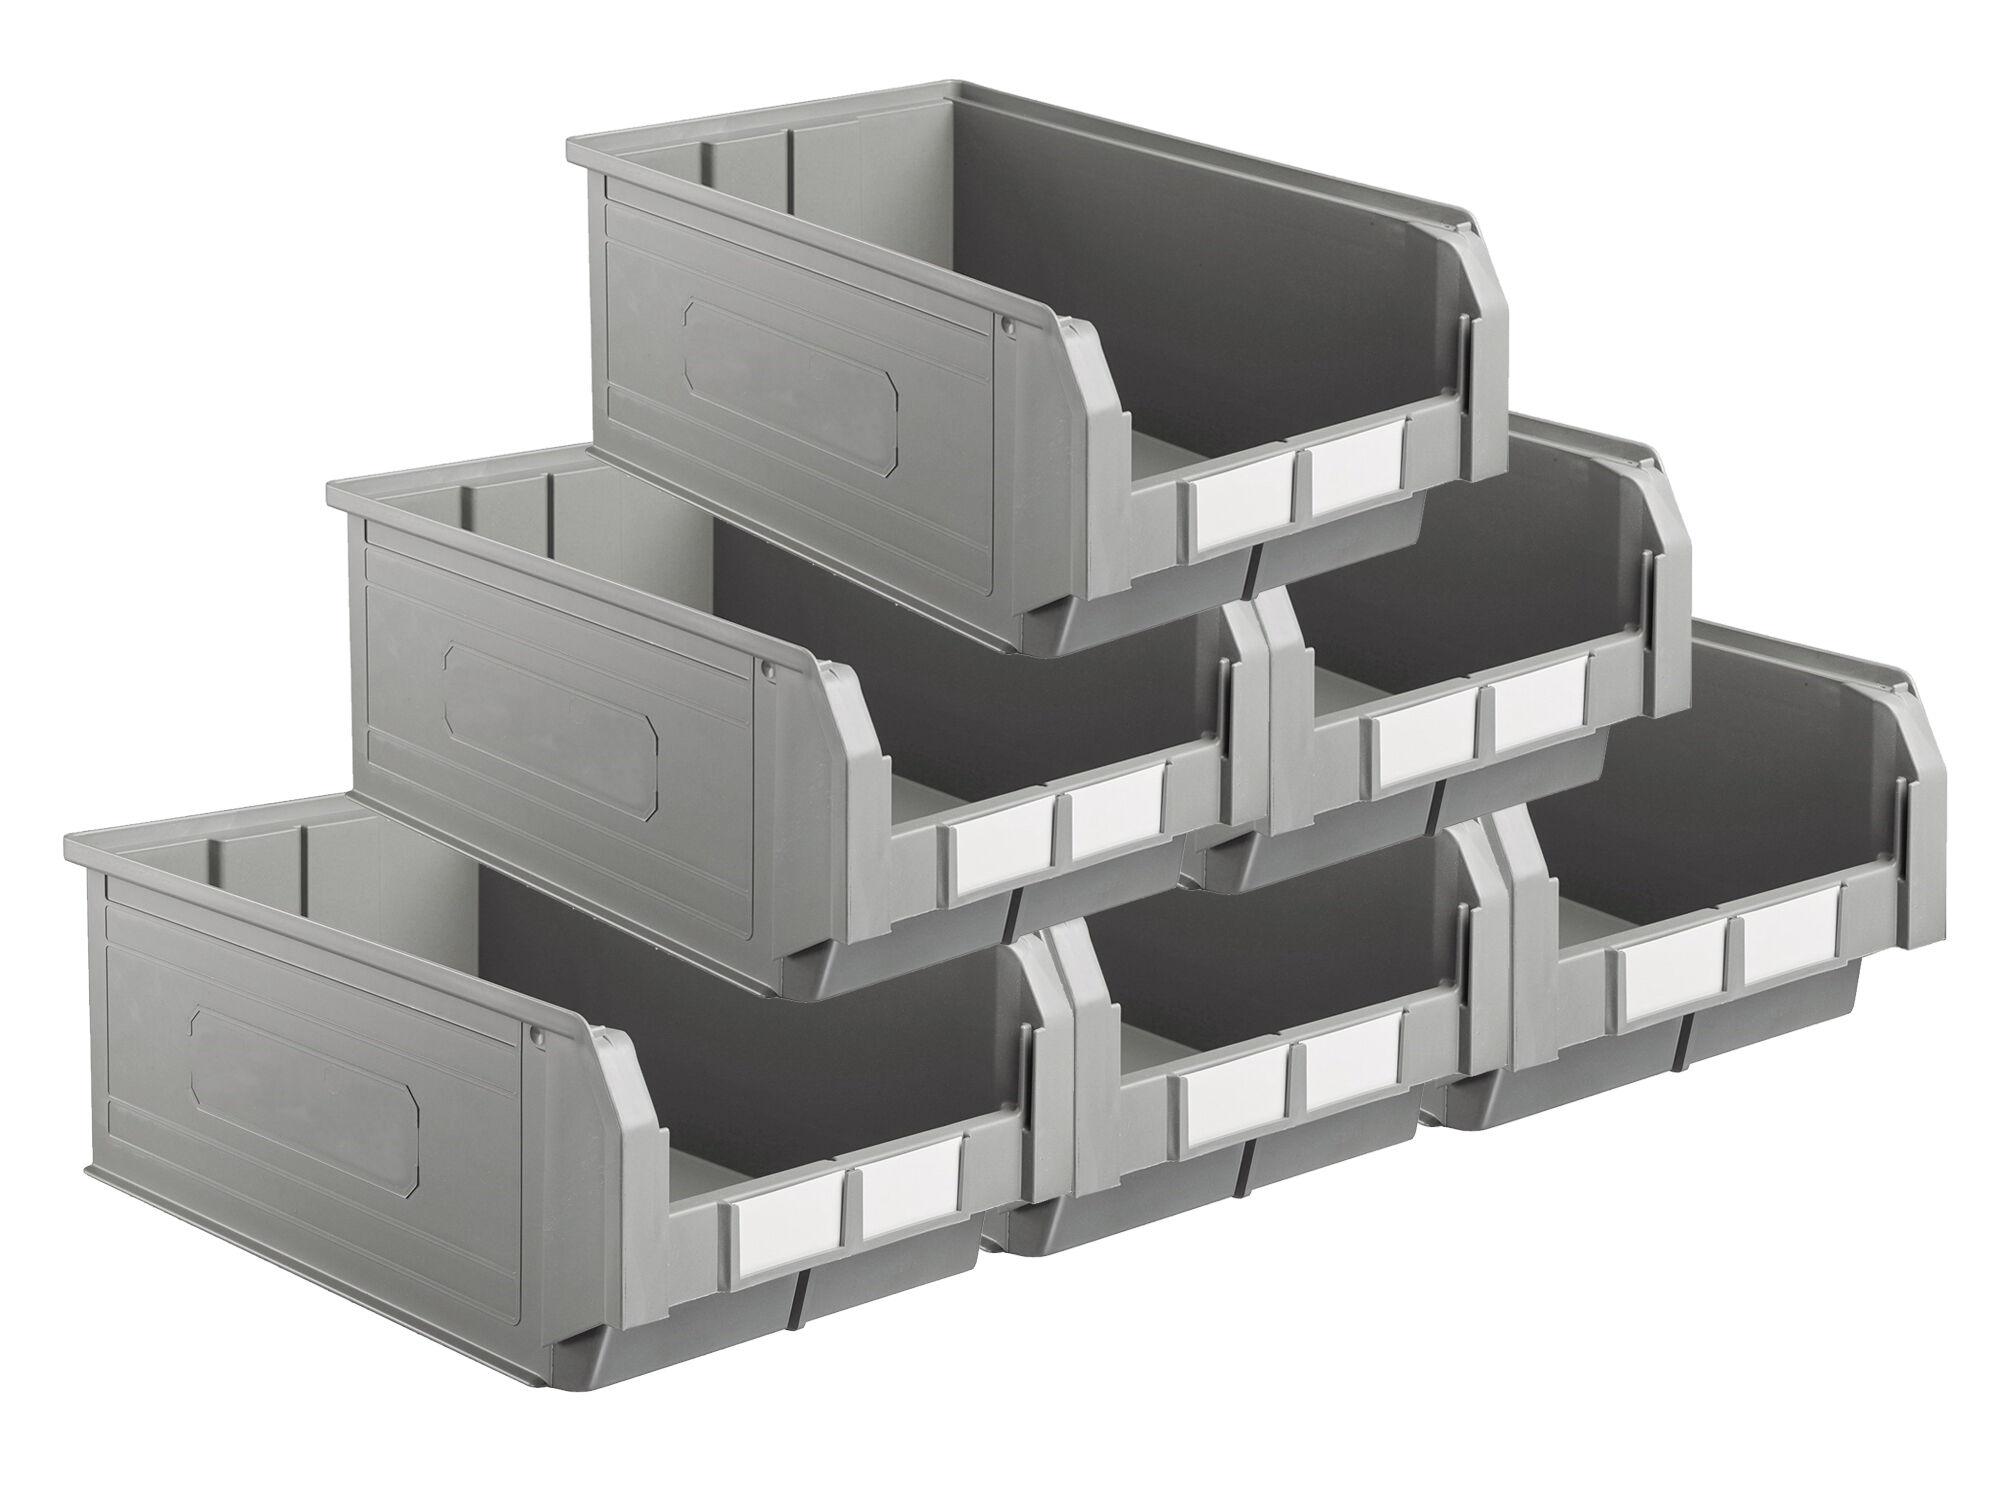 SETAM Carton 10 bacs à bec coloris gris volume 28 litres